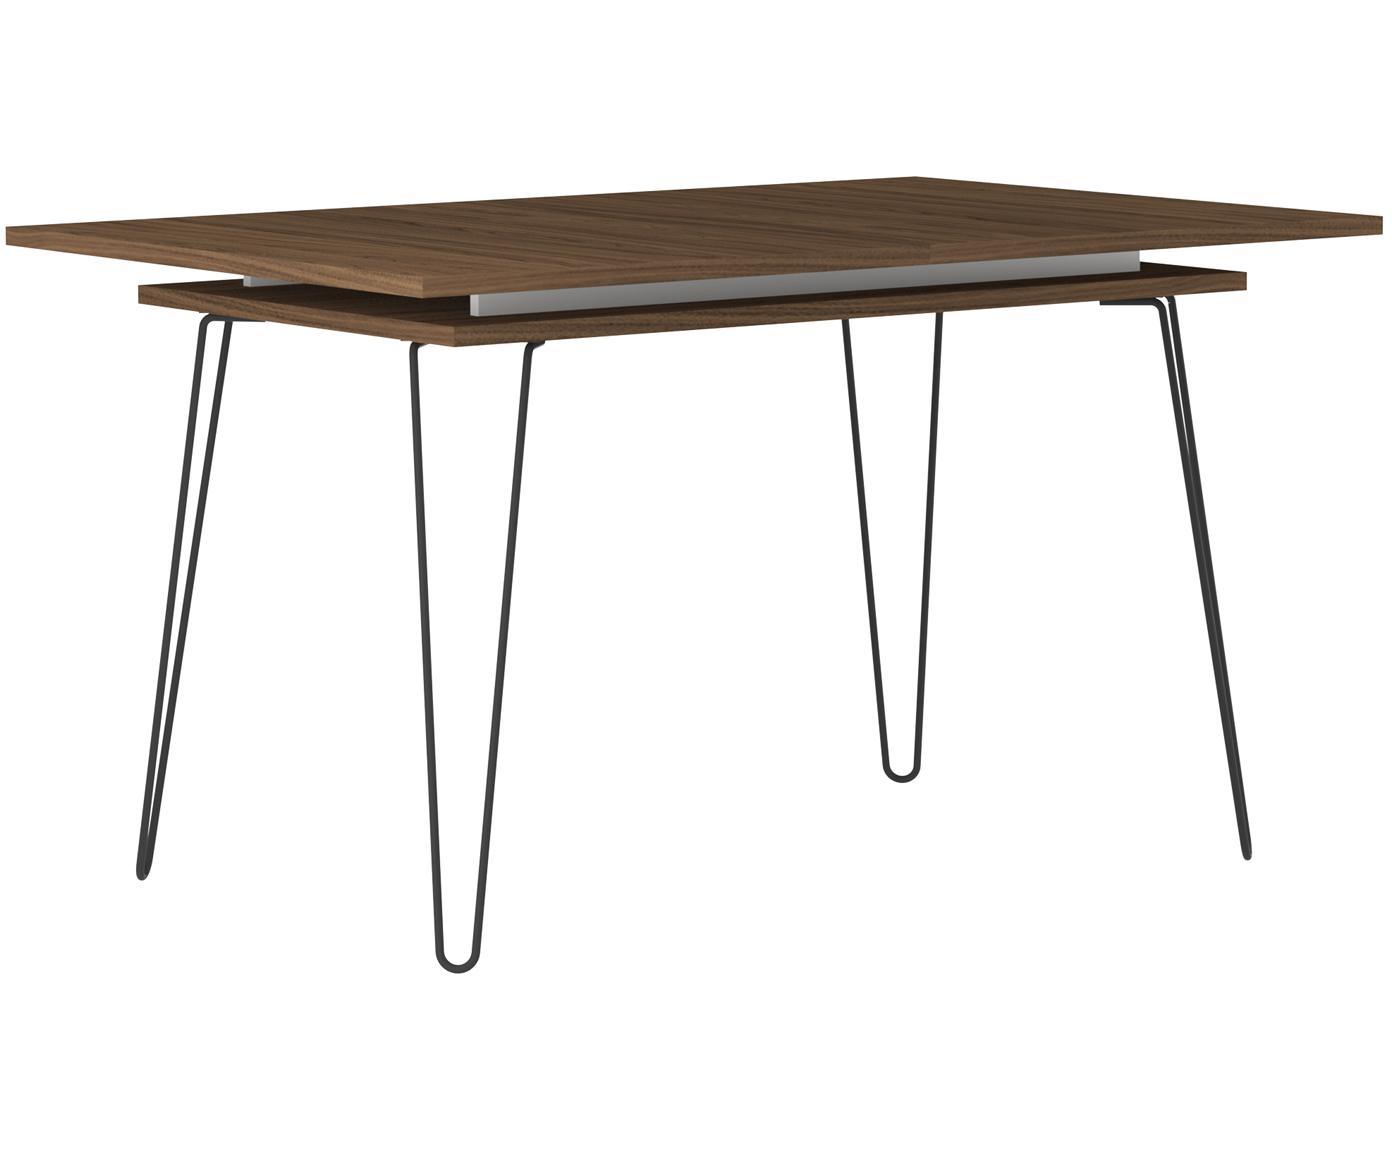 Mesa de comedor extensible Aero, Patas: metal pintado, Nogal, An 134-174 x F 90 cm